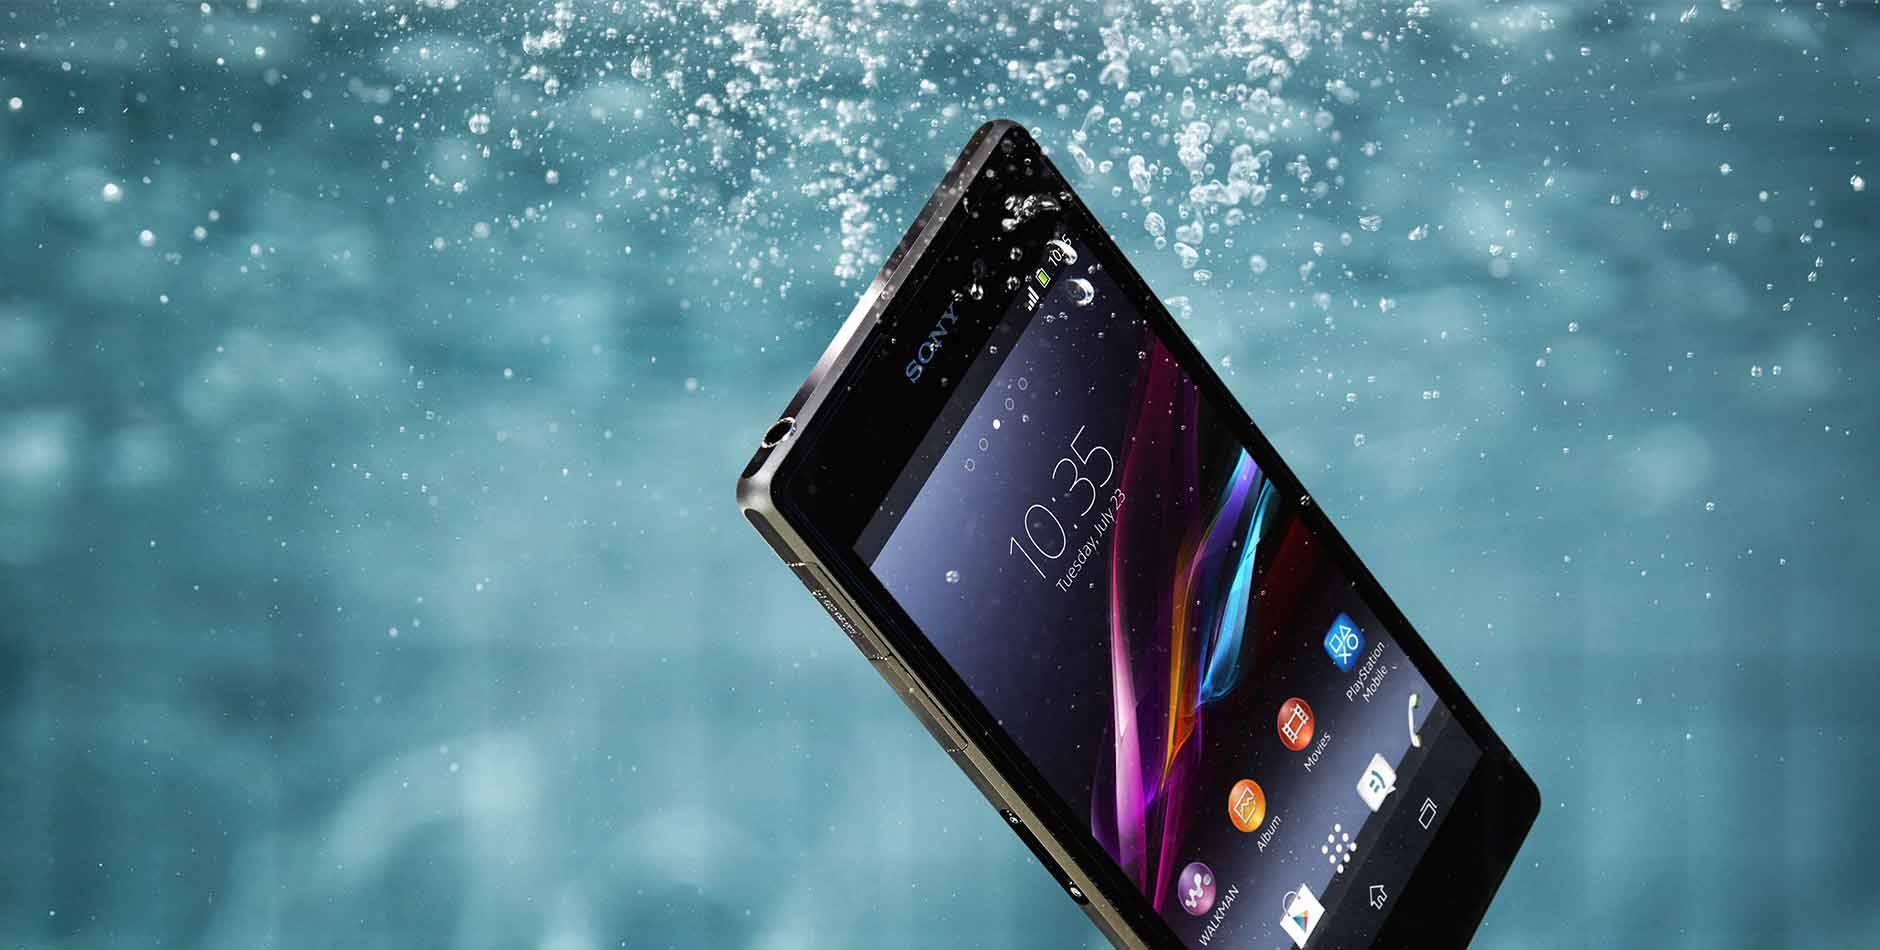 Làm gì khi điện thoại rơi vào nước?